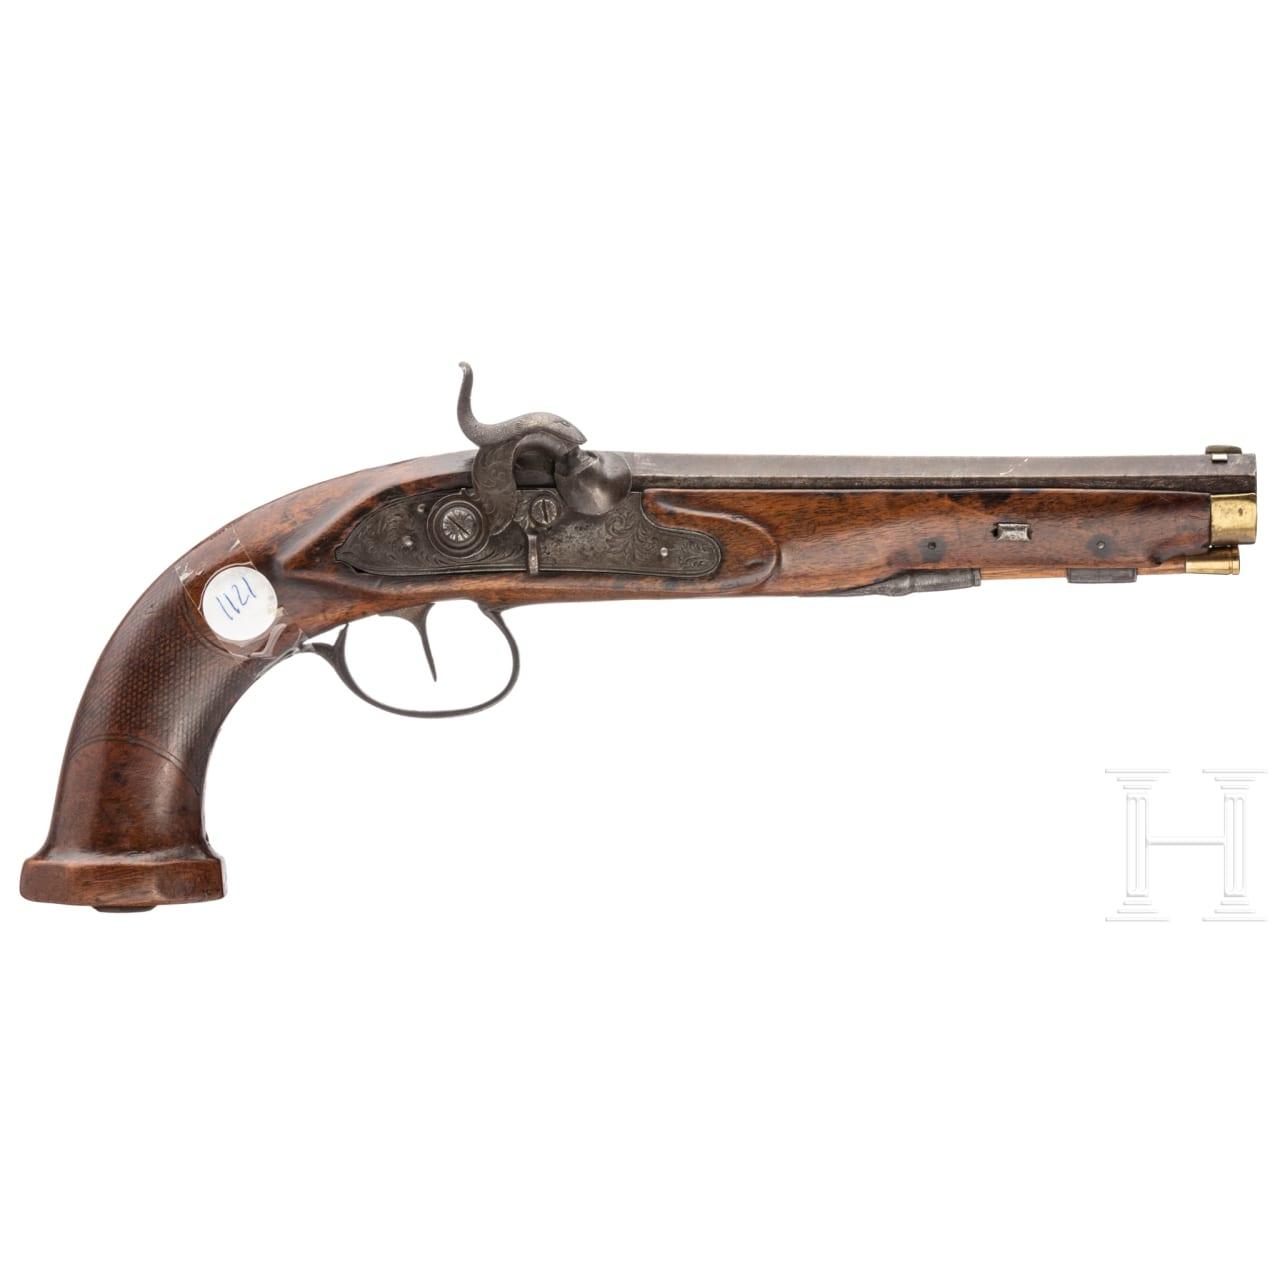 A percussion pistol, France, circa 1830